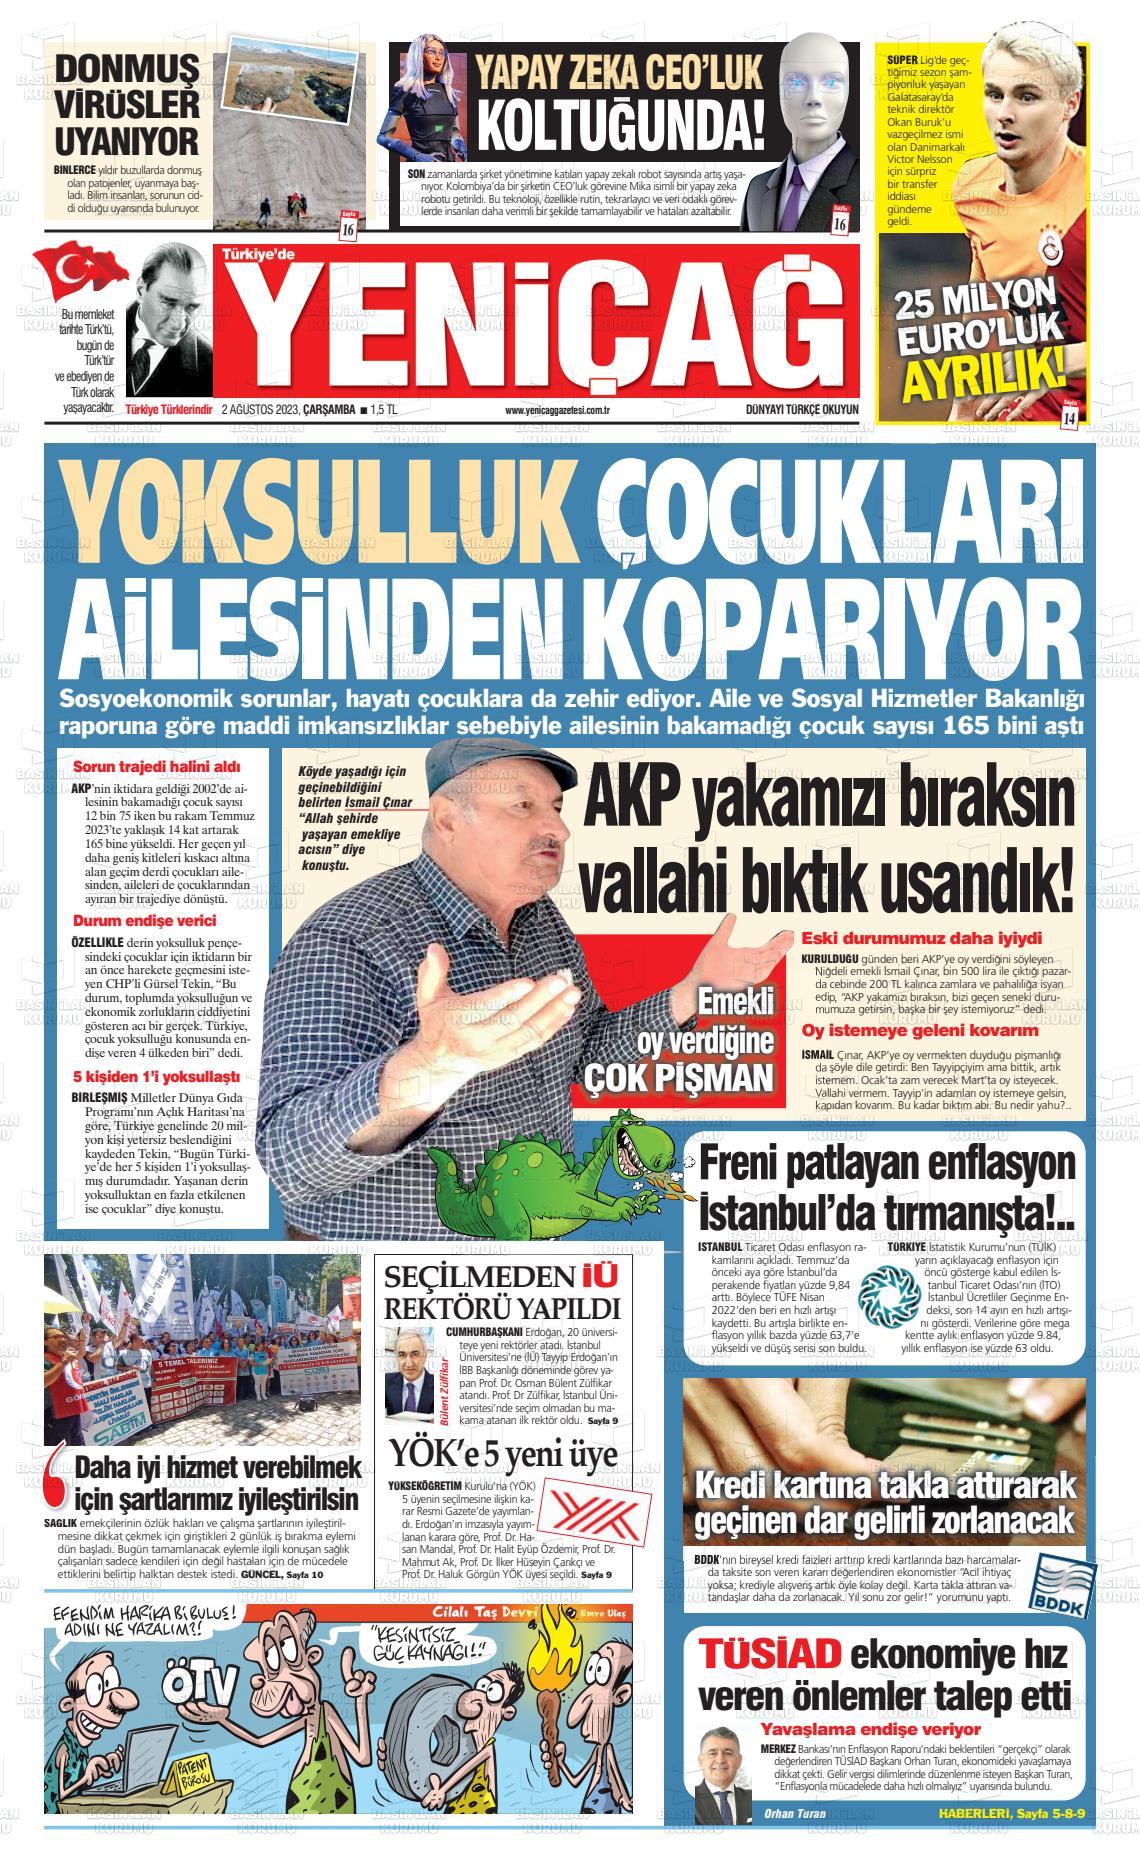 23 Ağustos 2019, Cuma yenicag Gazetesi